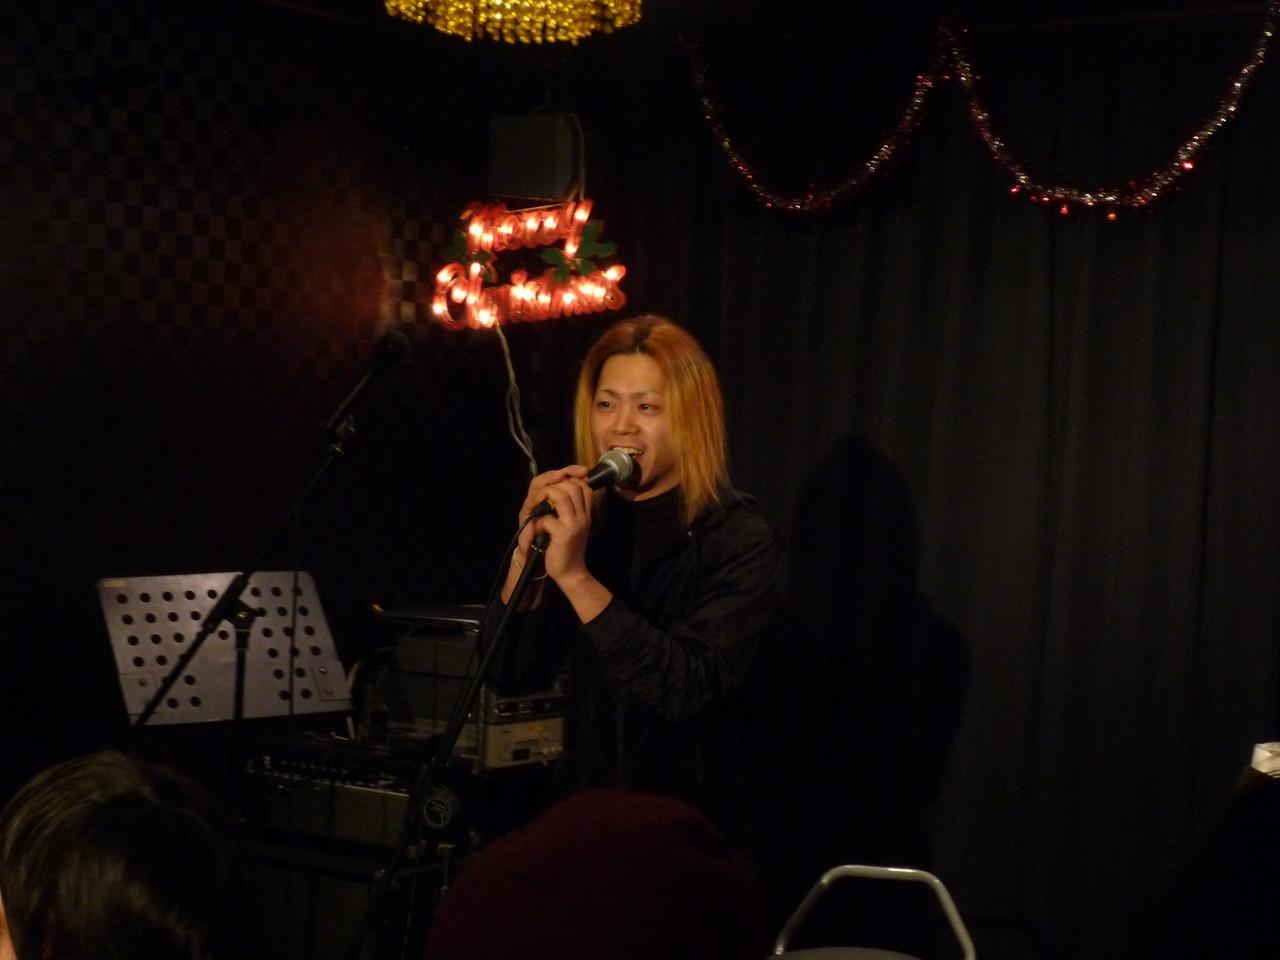 【YUSHI World】 ここだけでしか聞けない楽しいトークと歌で盛り上げてくれました!